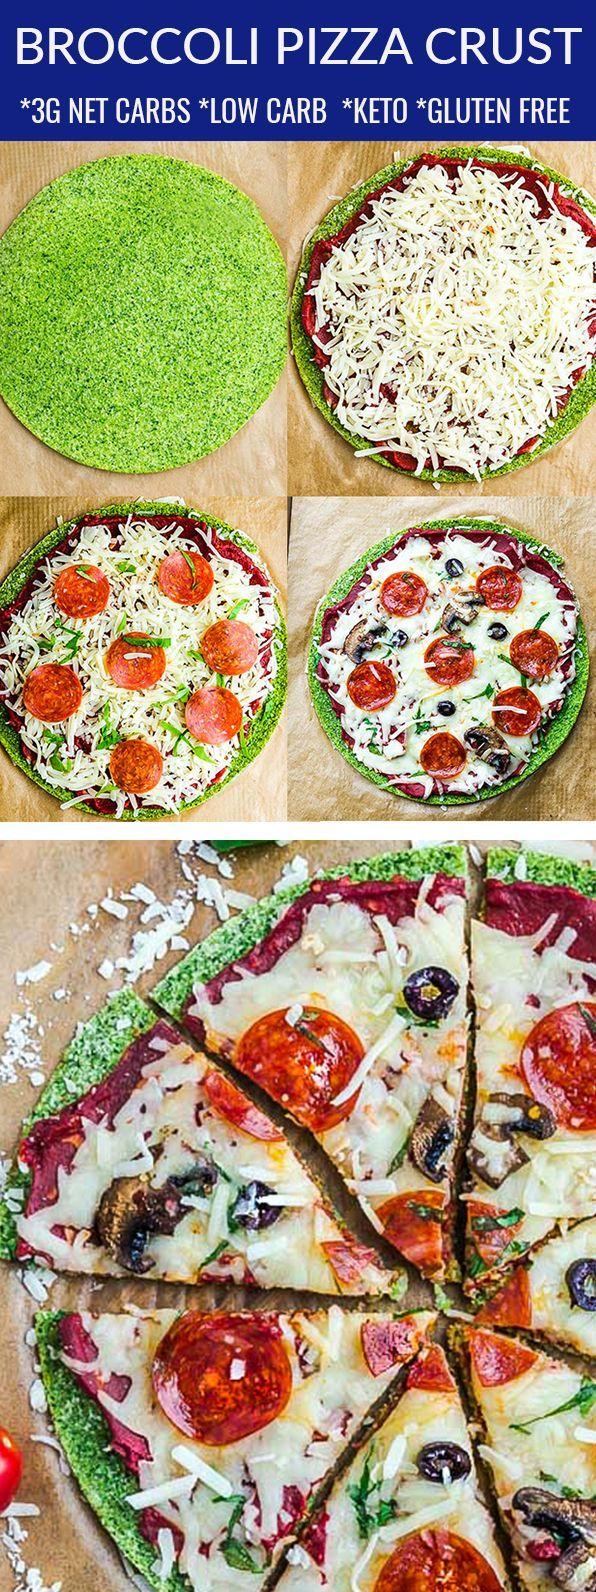 Diese Keto-Pizza ist ein einfach zuzubereitendes Rezept für kohlenhydratarme …   – Yummy Healthy Keto – Group Board